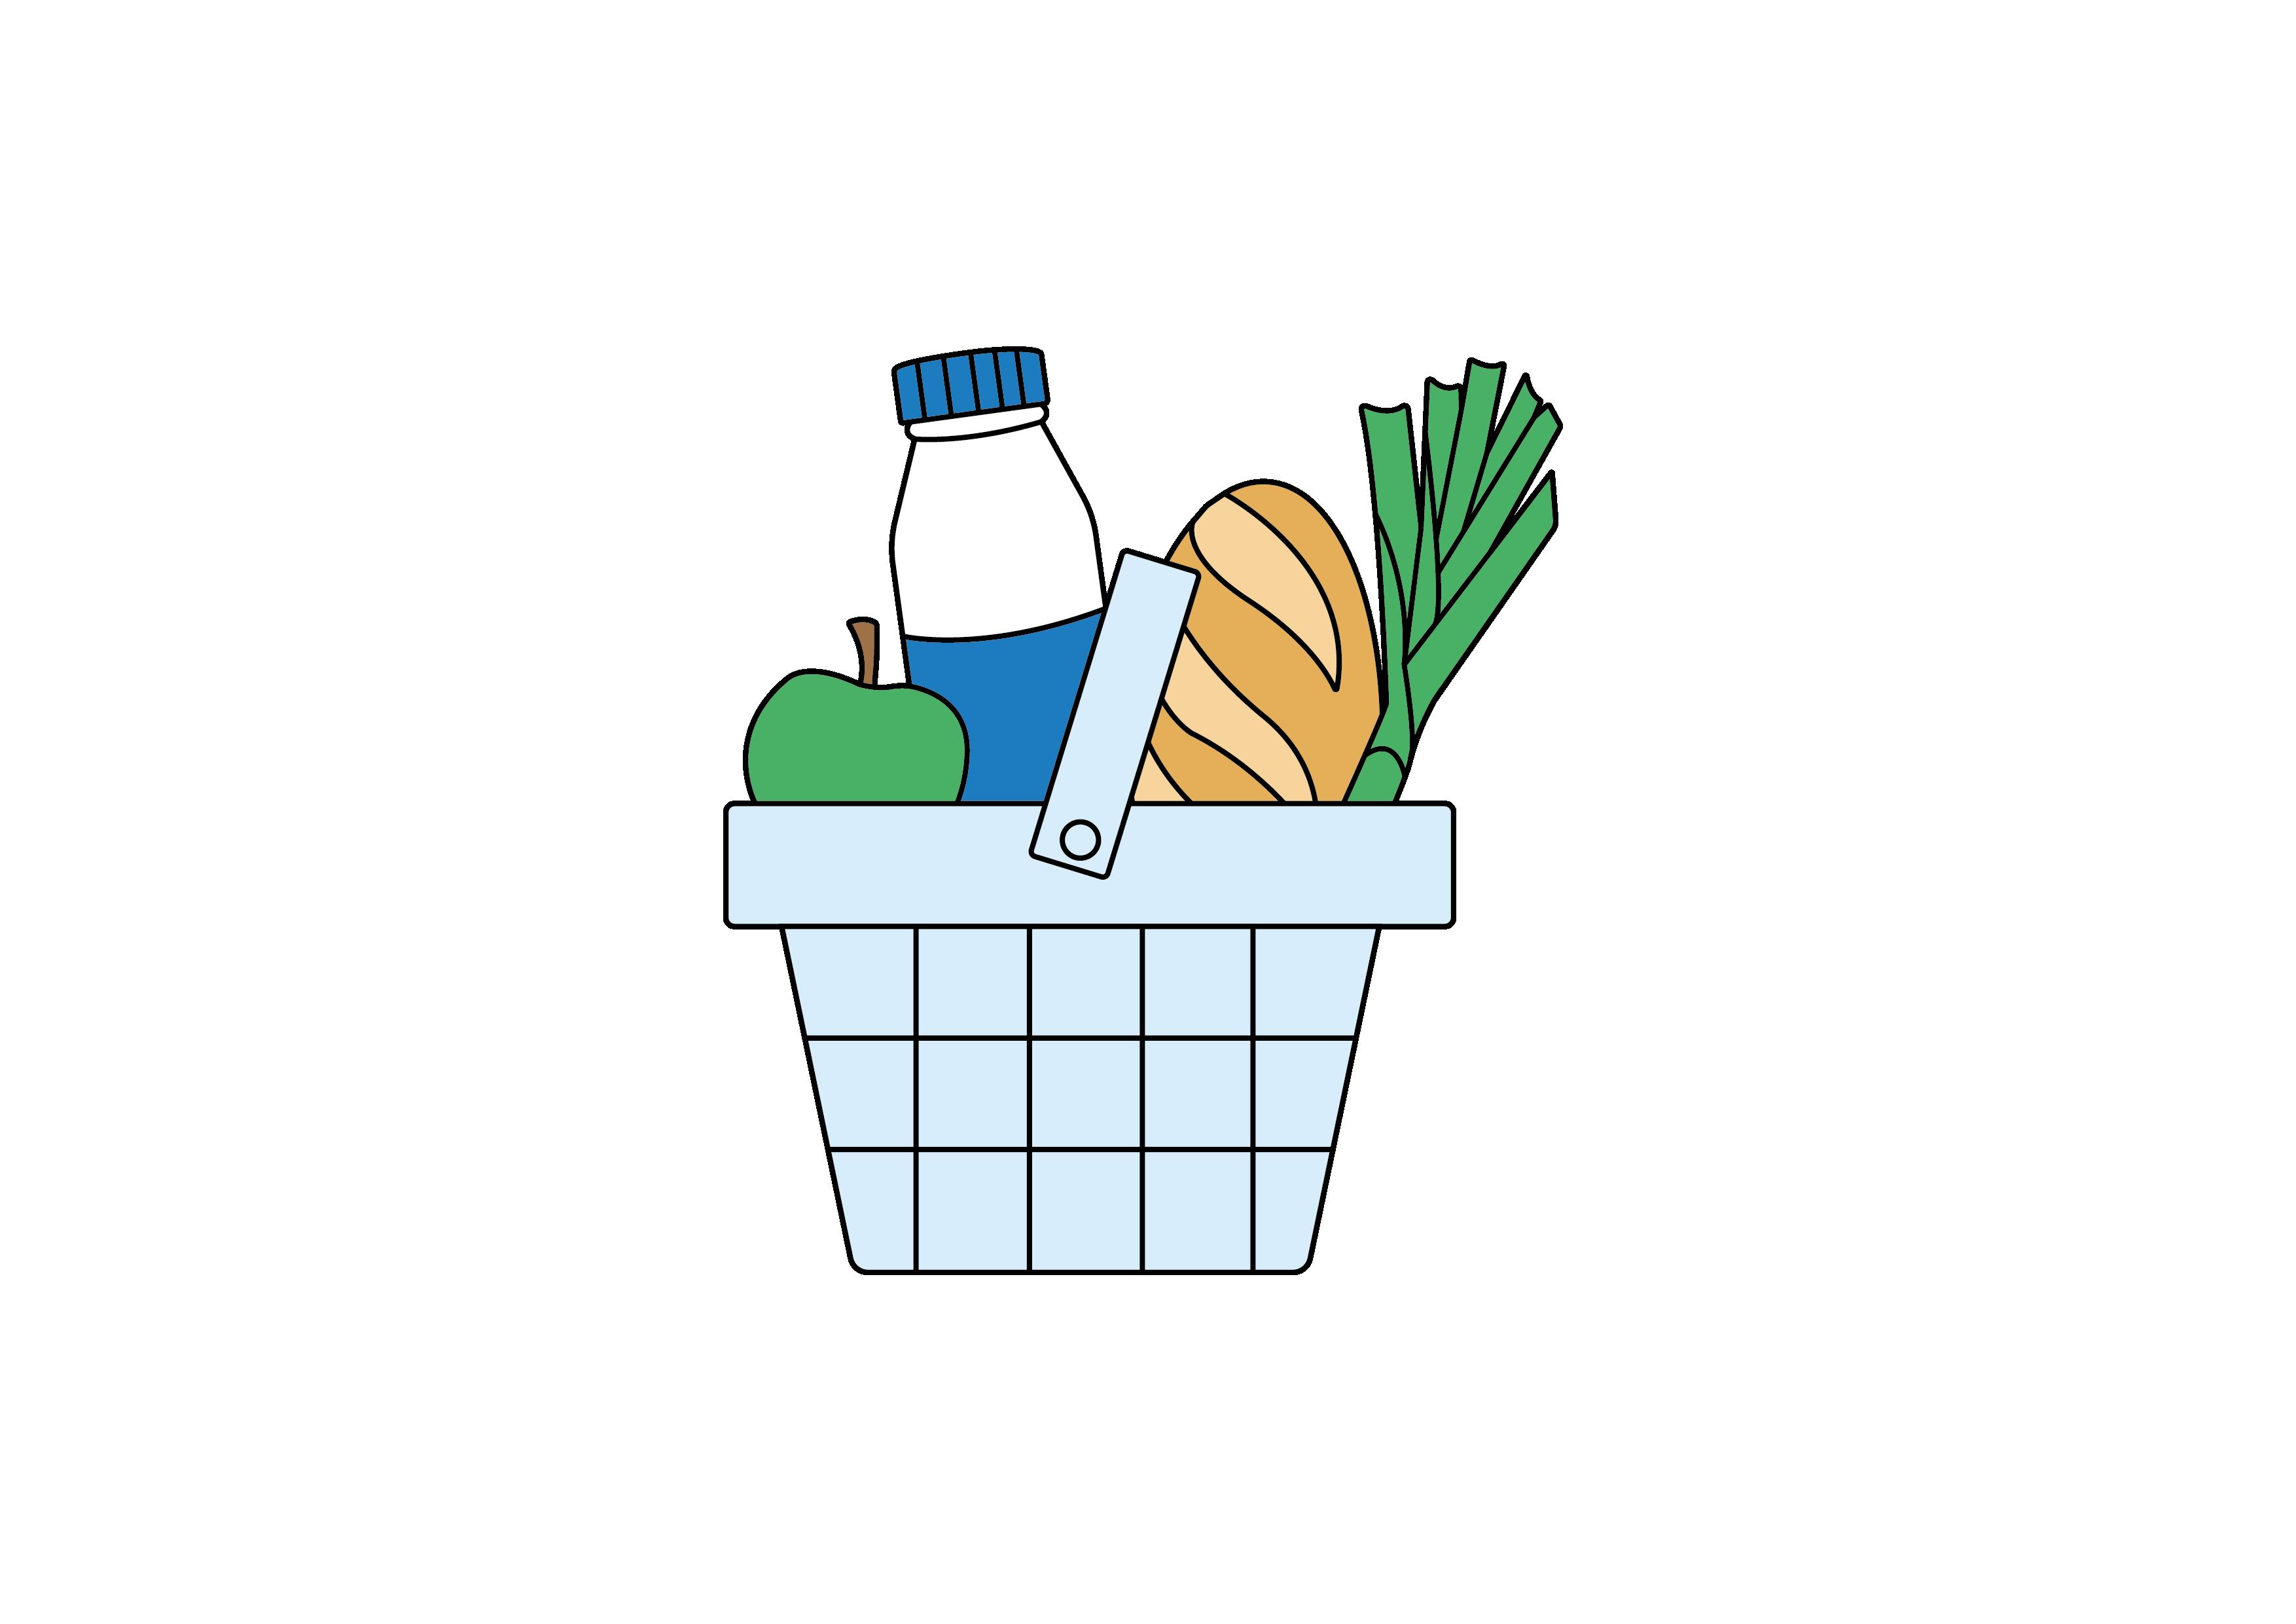 Commerces alimentaires : connaissez-vous les vrais critères d'insatisfaction de vos clients ?